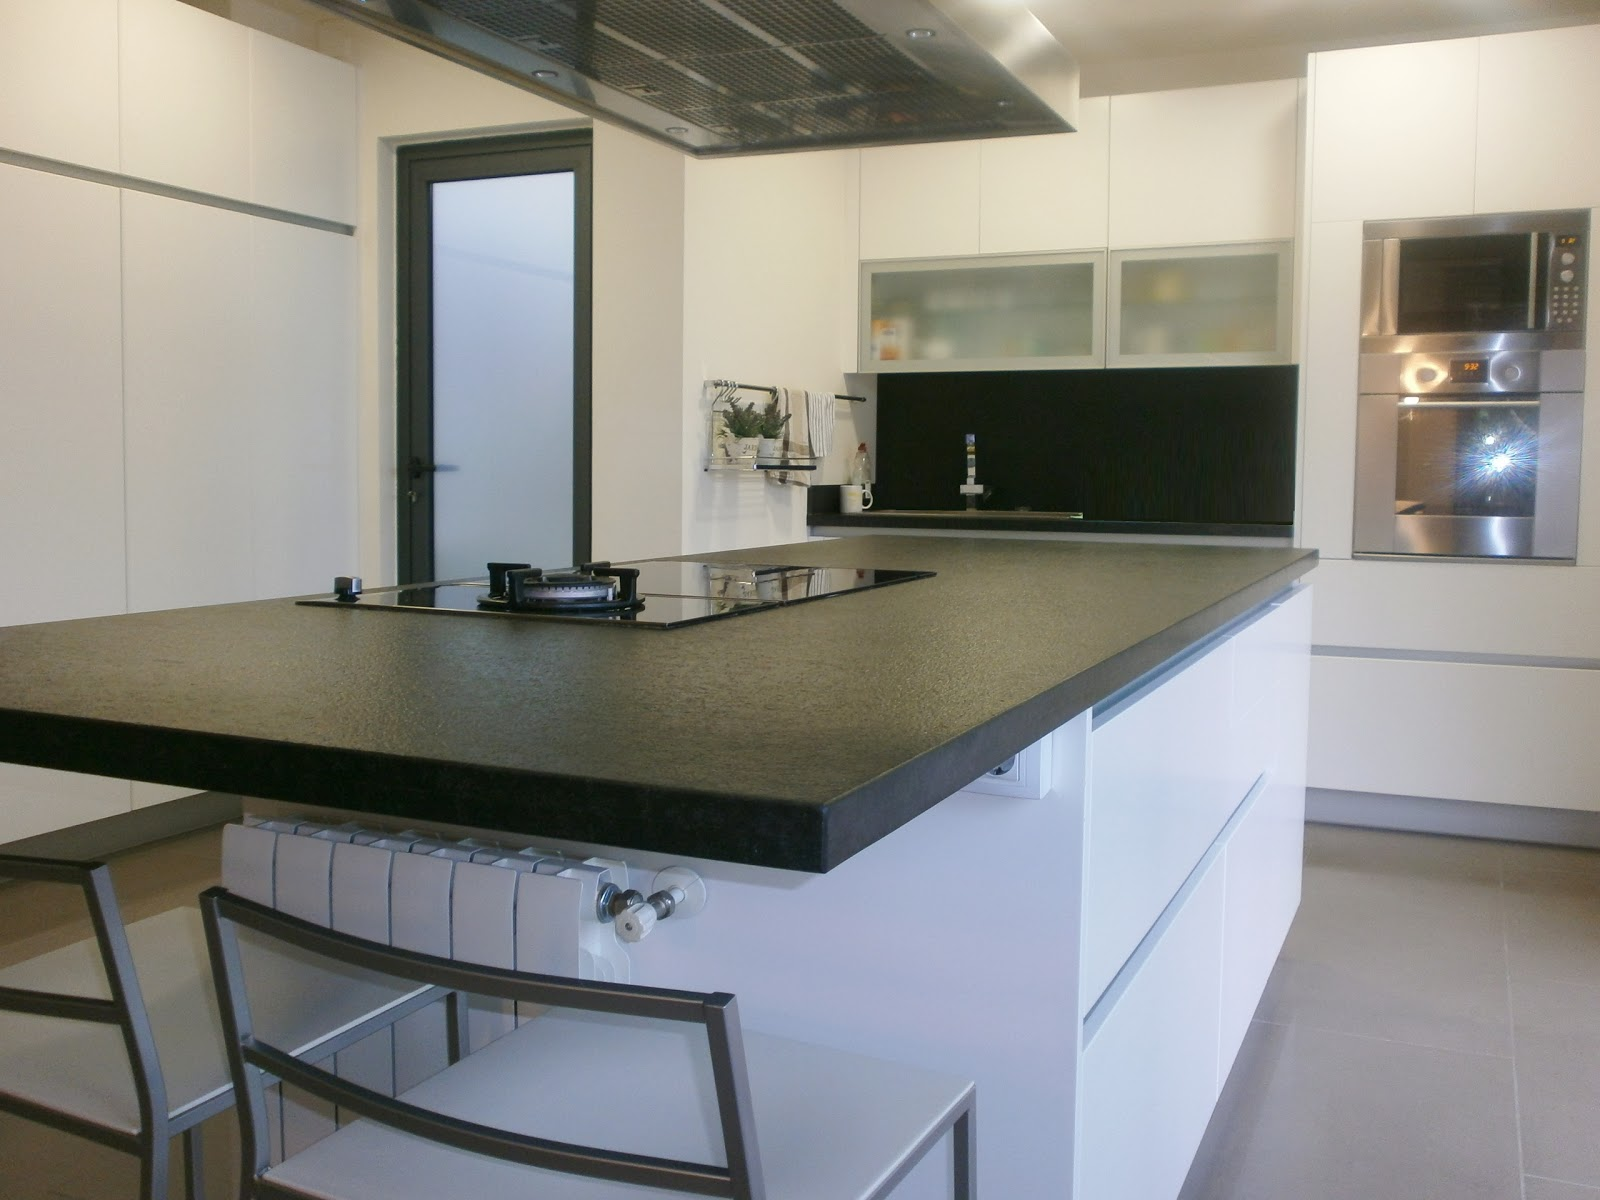 Granito negro y cocina blanca sobria y siempre actual for Colores de granito para encimeras de cocina